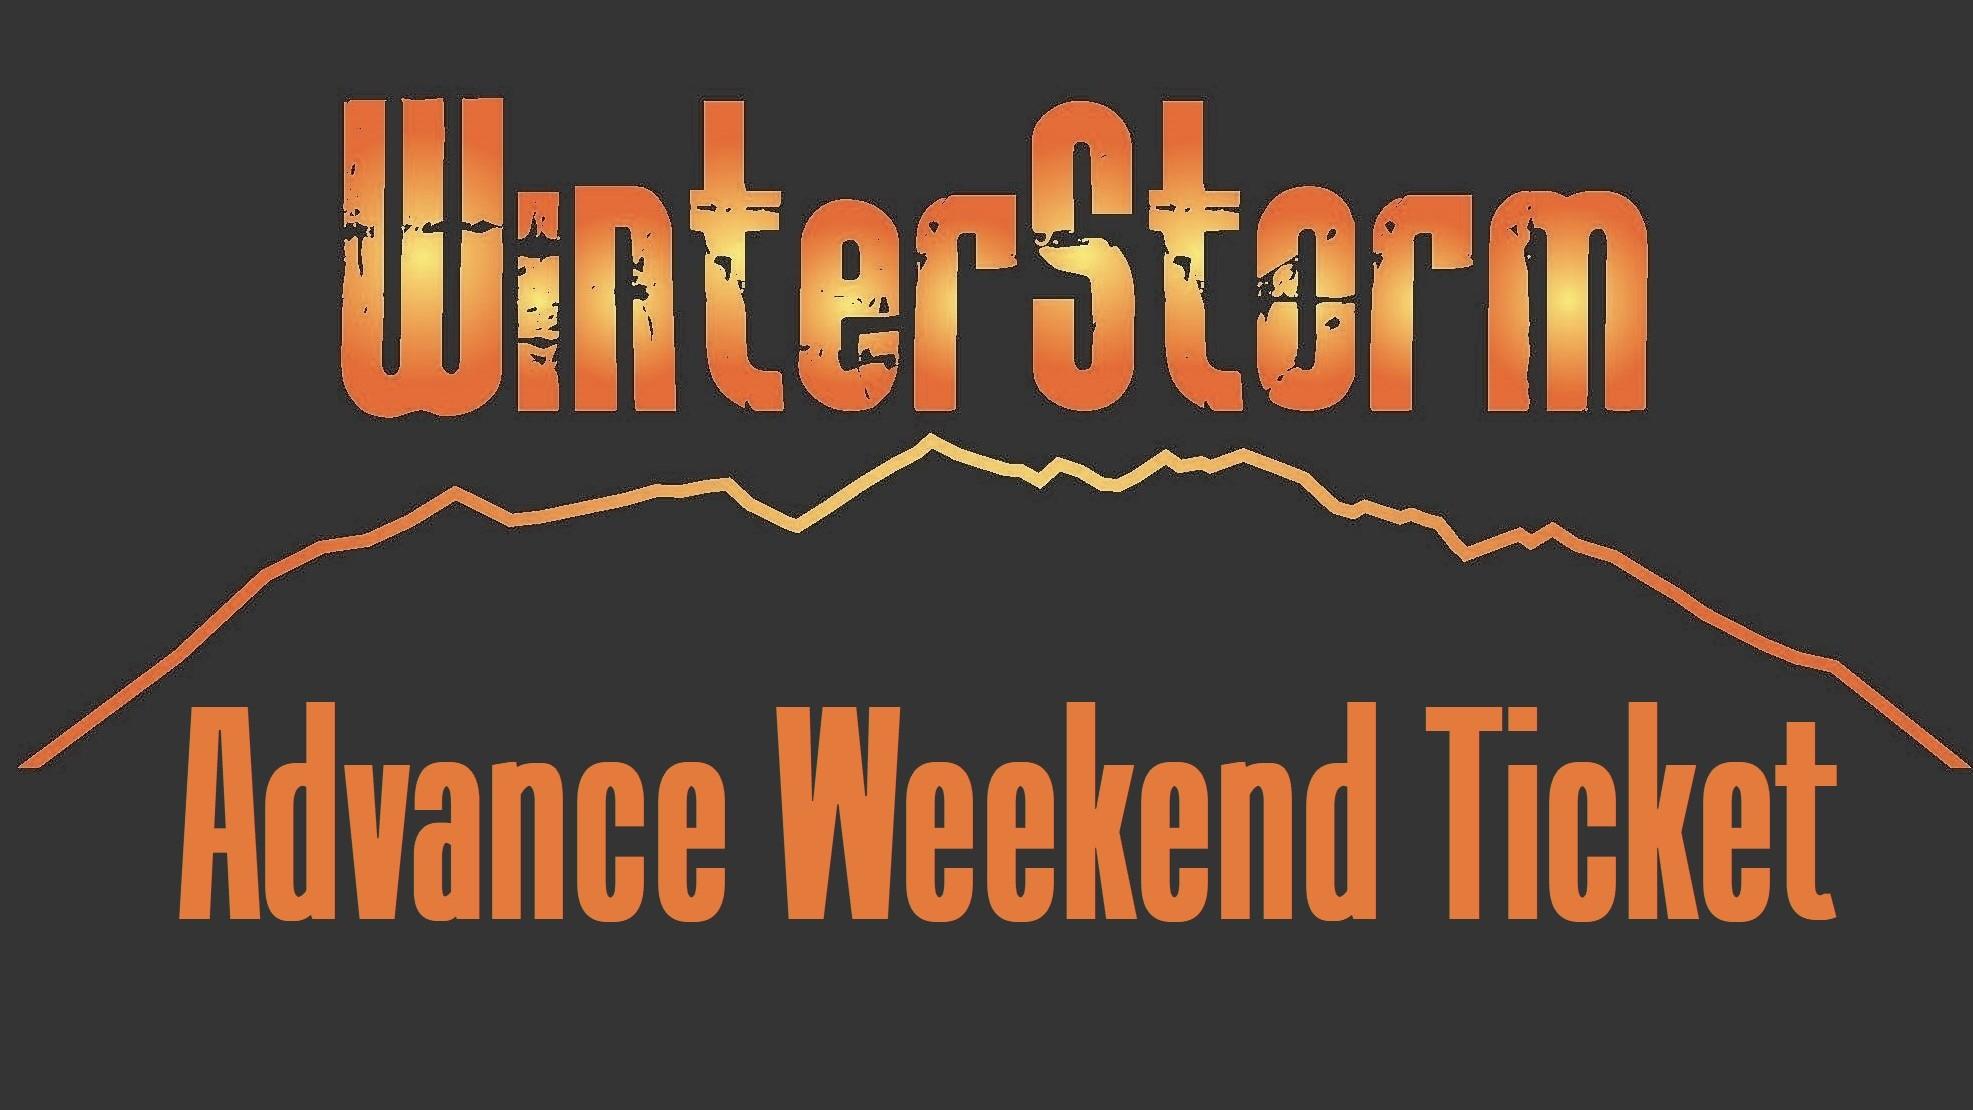 WinterStorm 20 - Advance Weekend Ticket